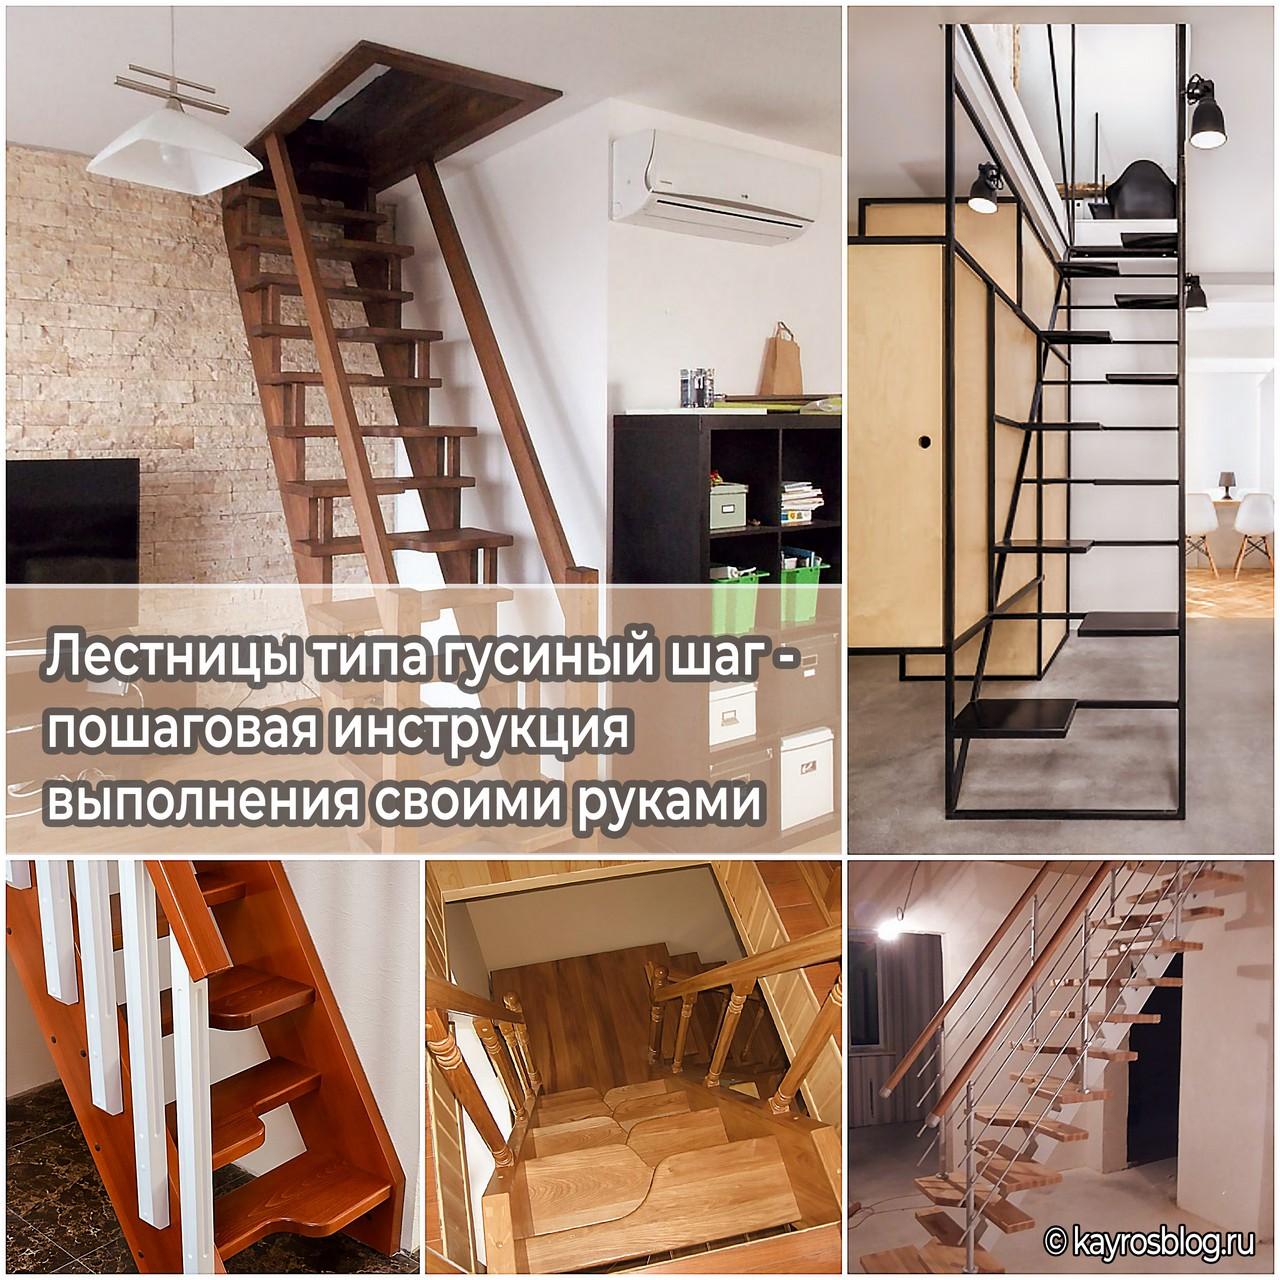 Лестницы типа гусиный шаг - пошаговая инструкция выполнения своими руками